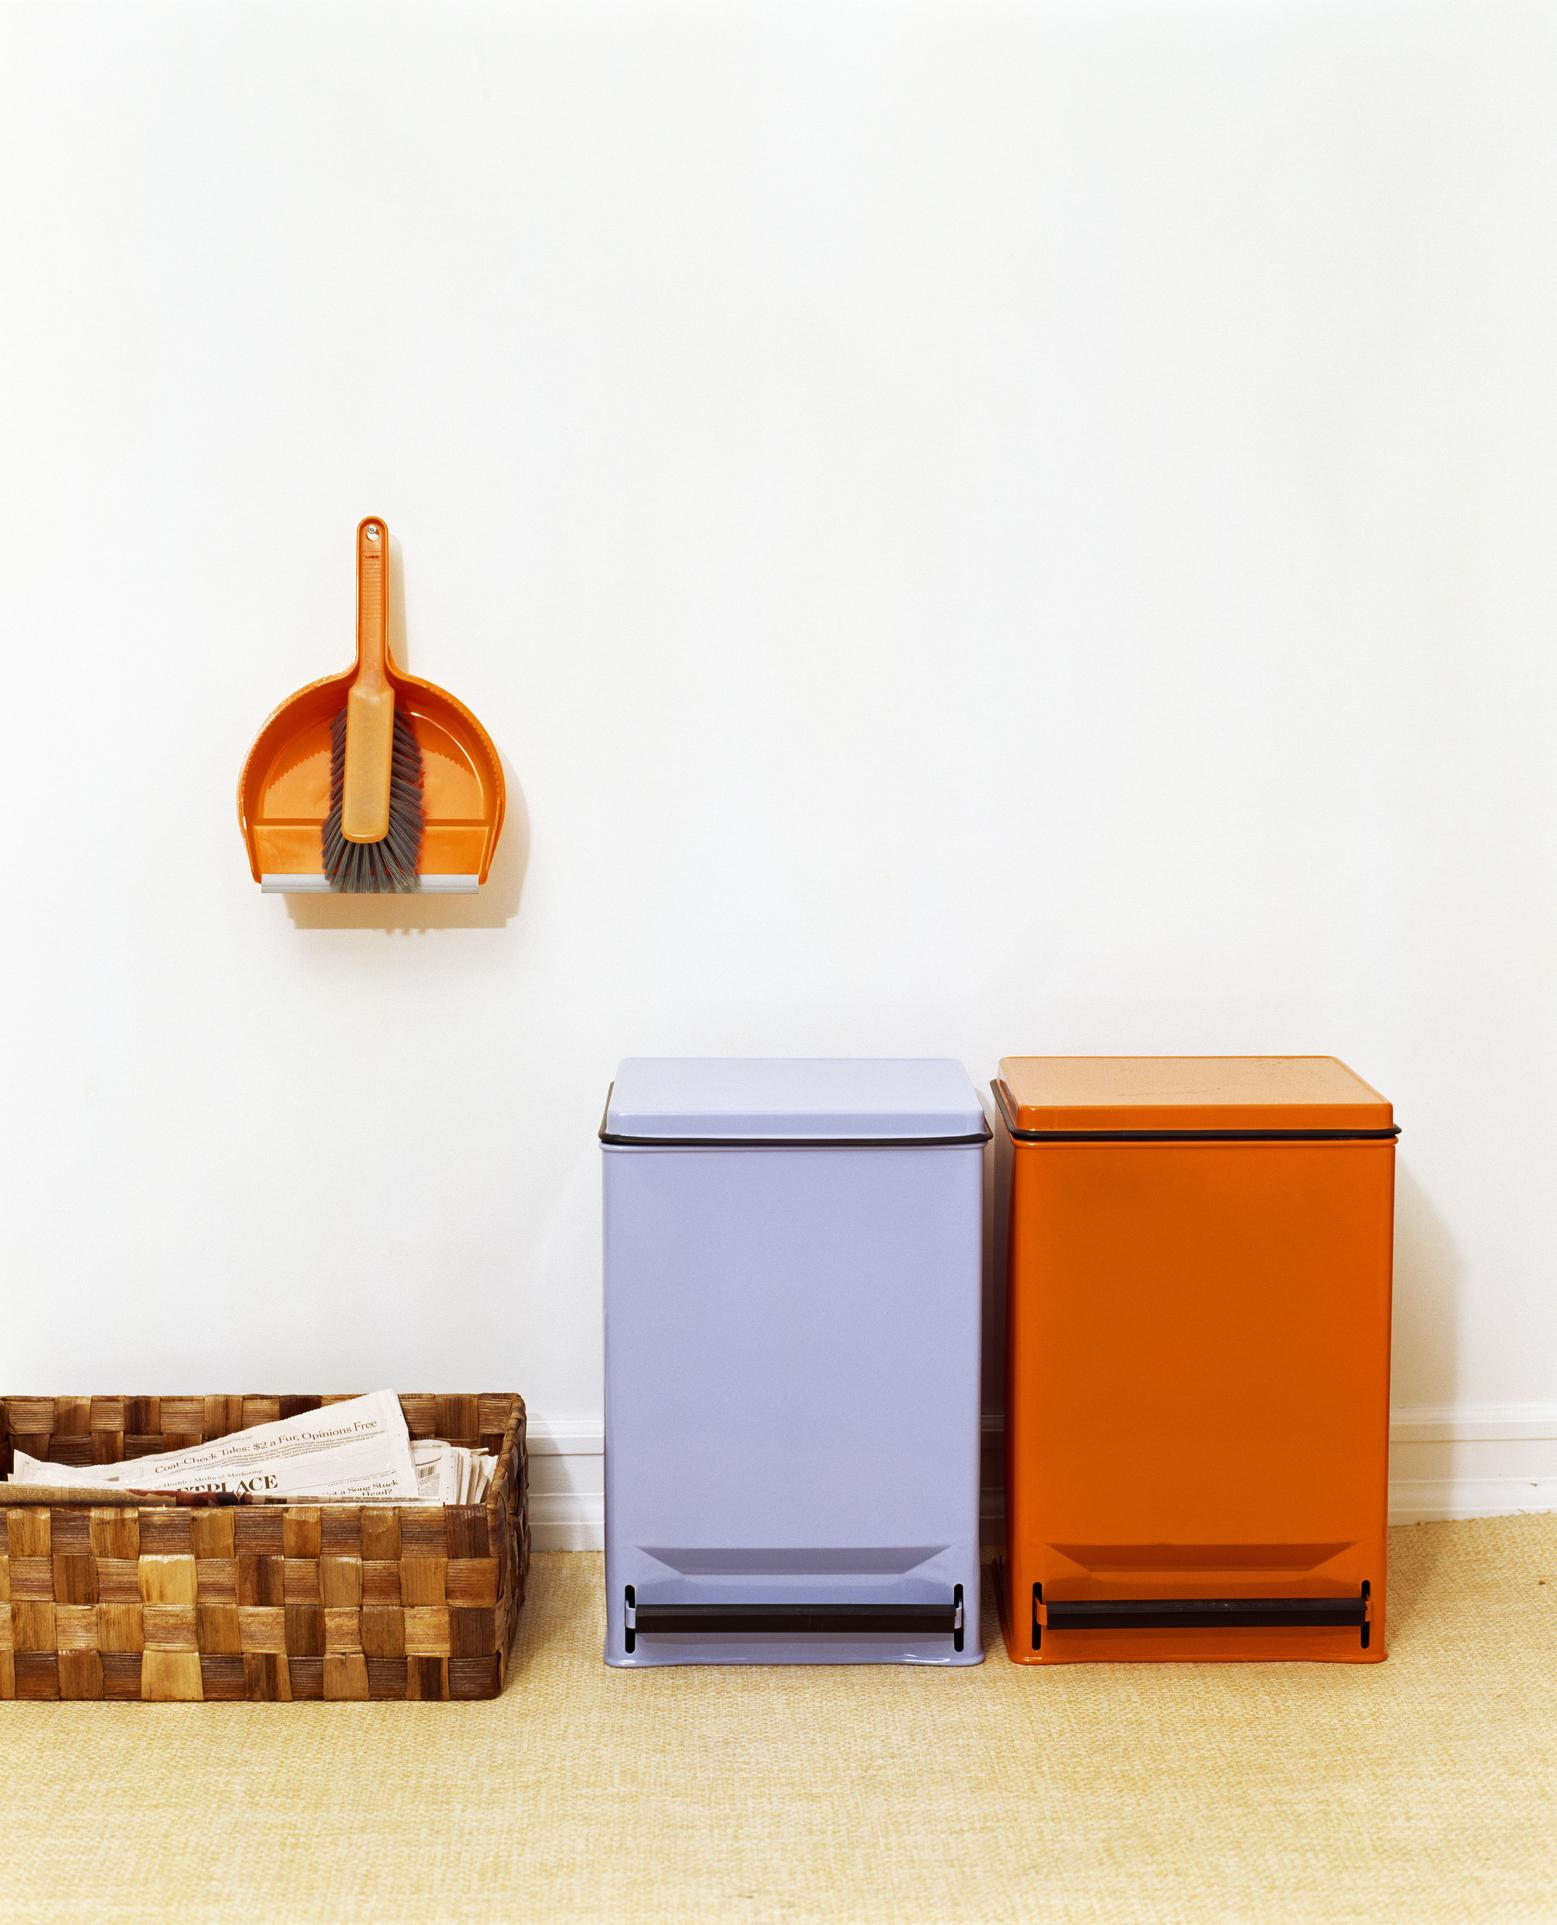 Idee per organizzare gli spazi in casa per la - Bidoni per differenziata casa ...